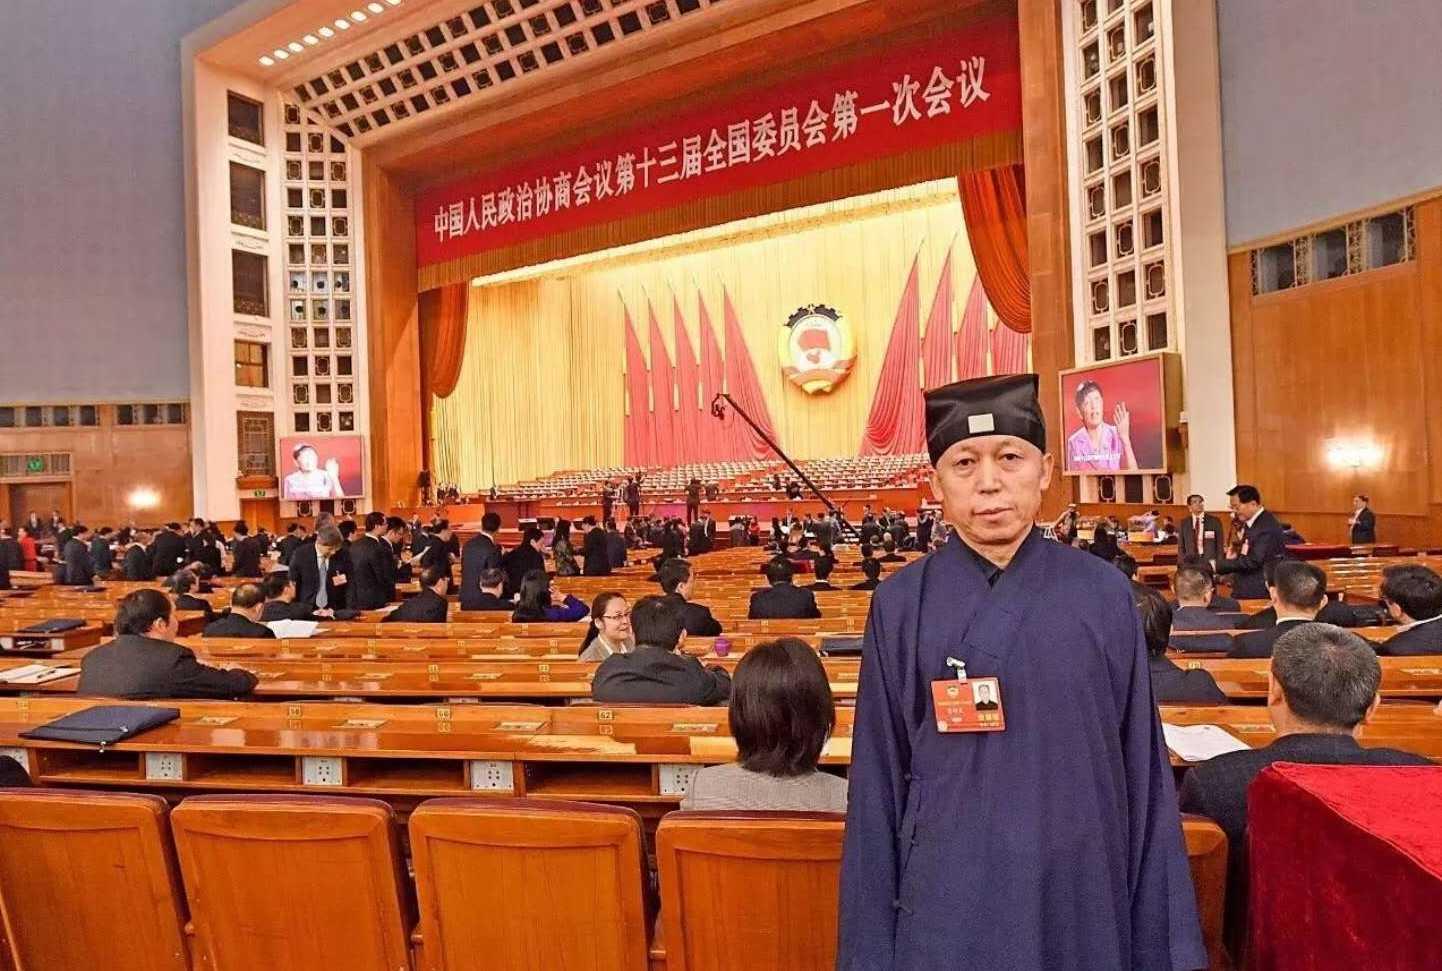 董沛文:最大限度的发挥宗教的积极作用和被占据宫观的管理权限交接问题